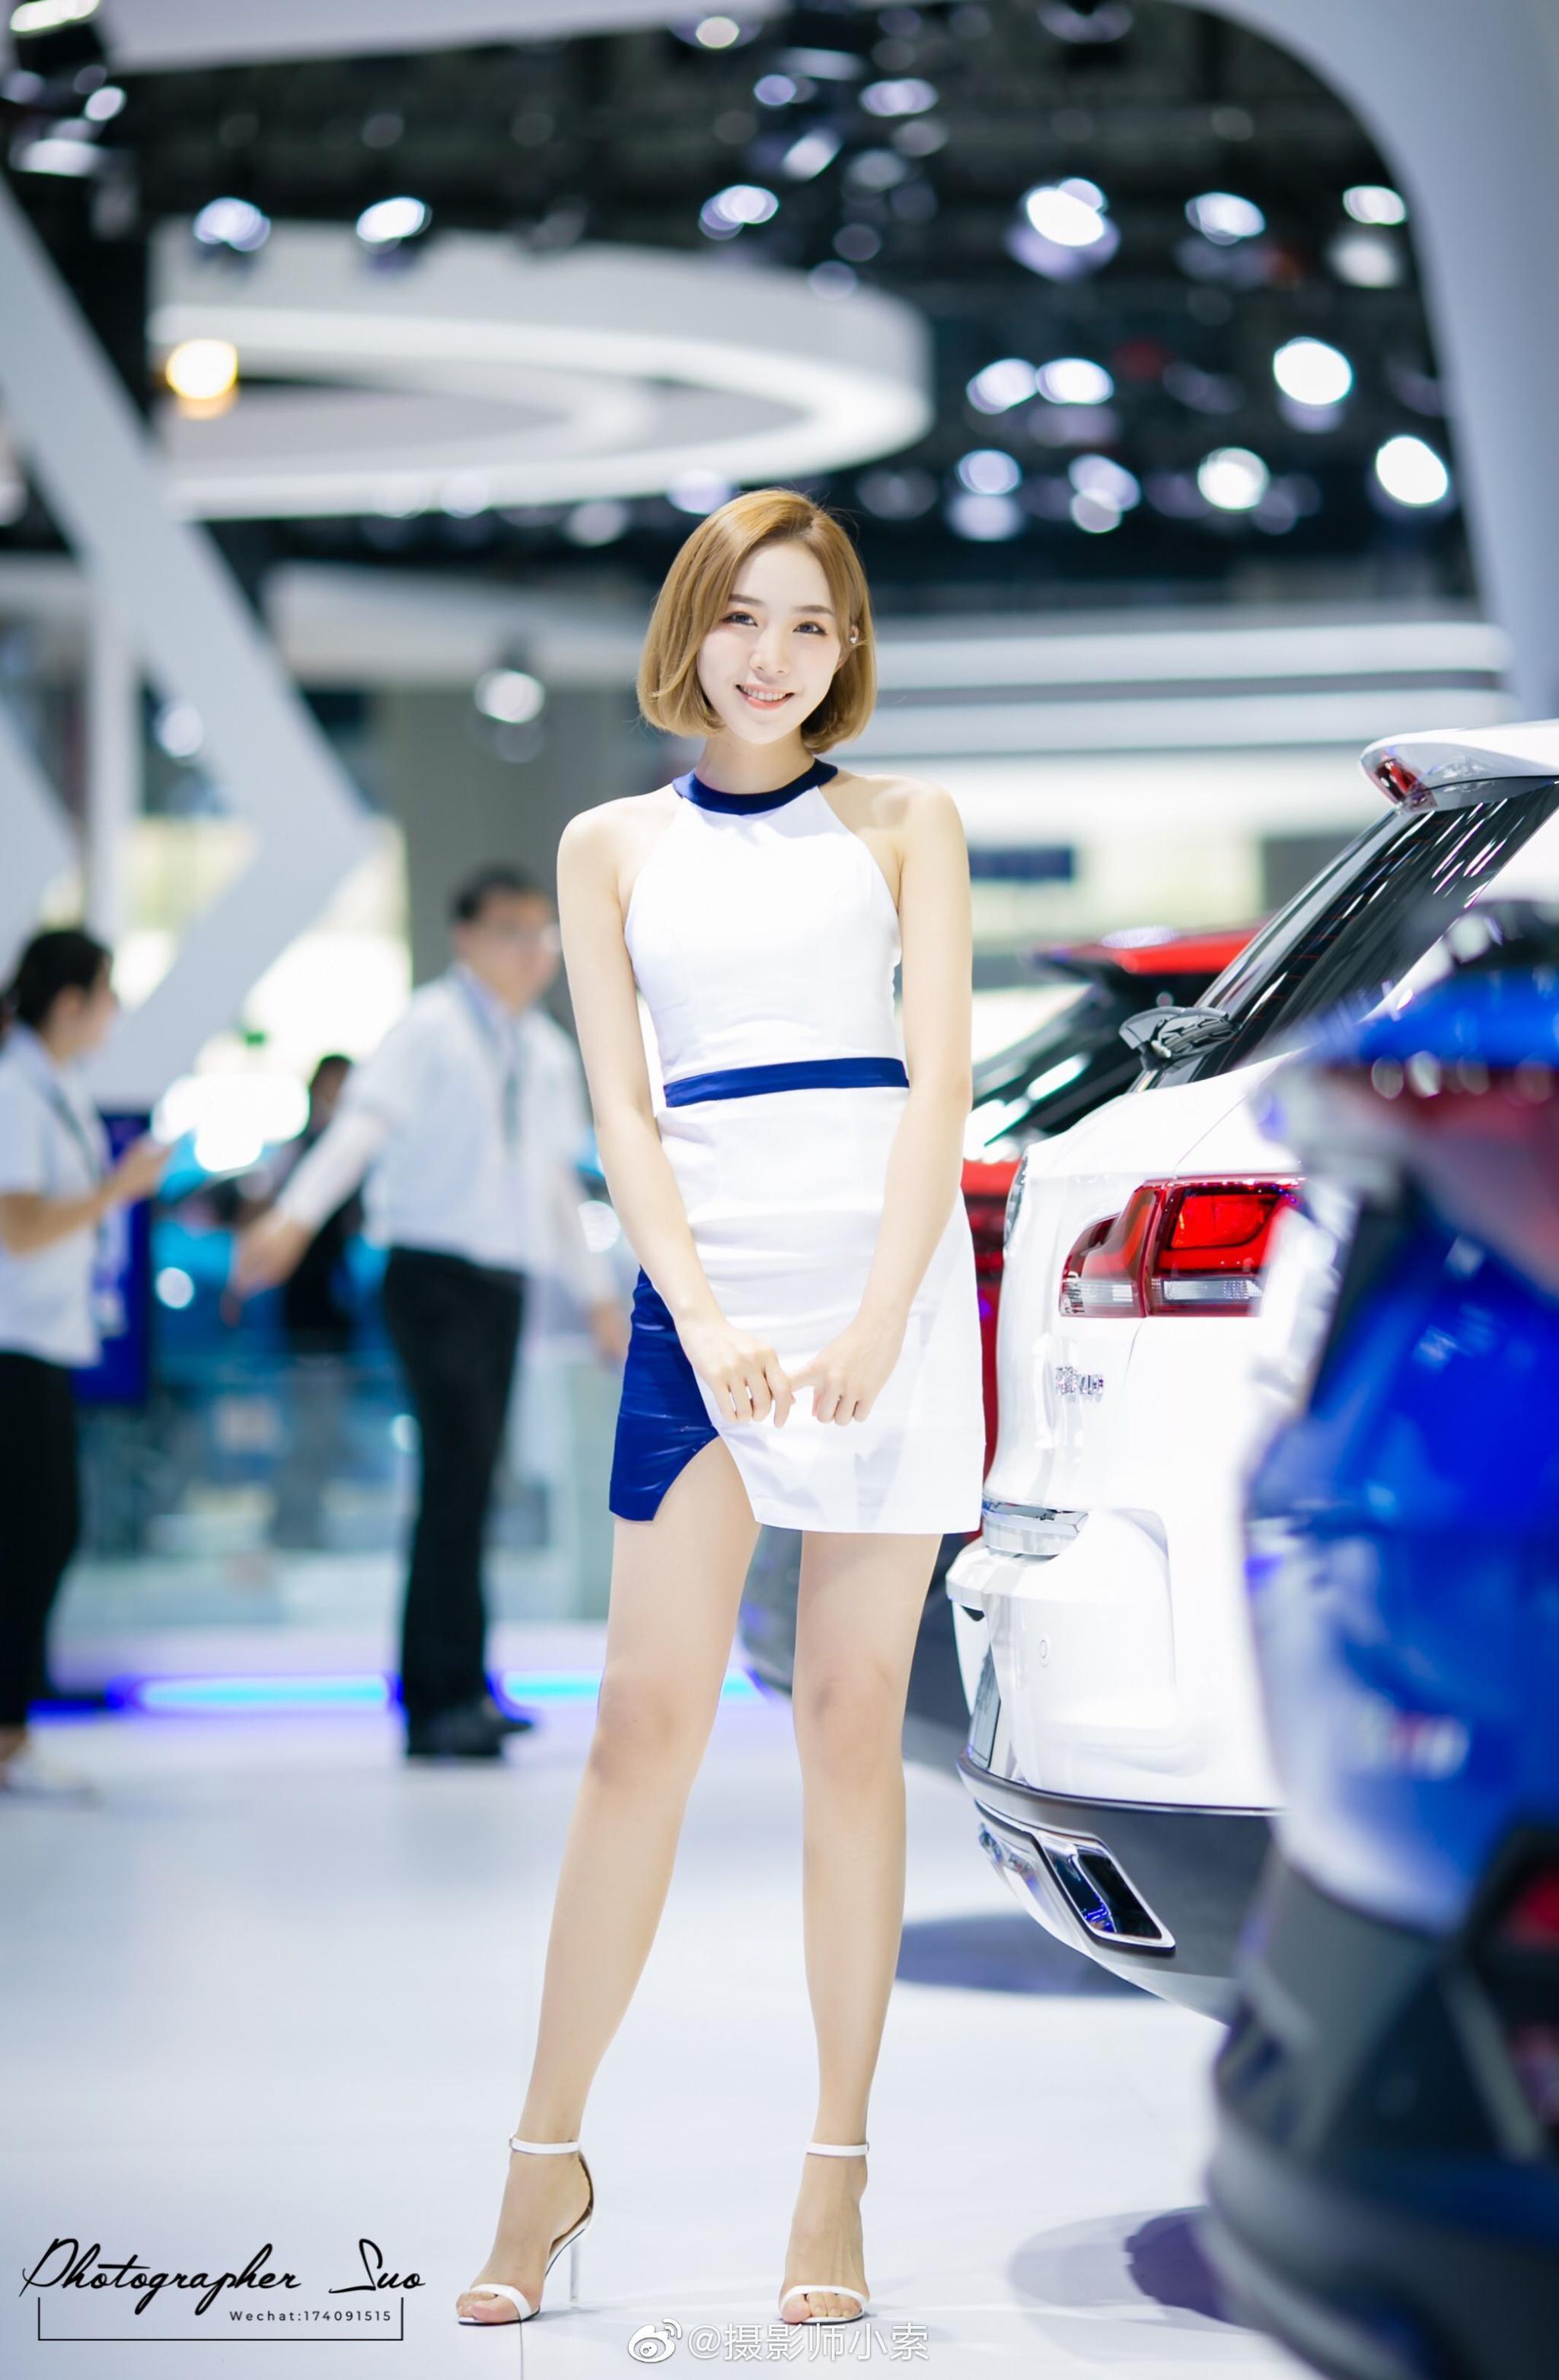 2019长春车展  模特 @威威张_   CR@摄影师小索